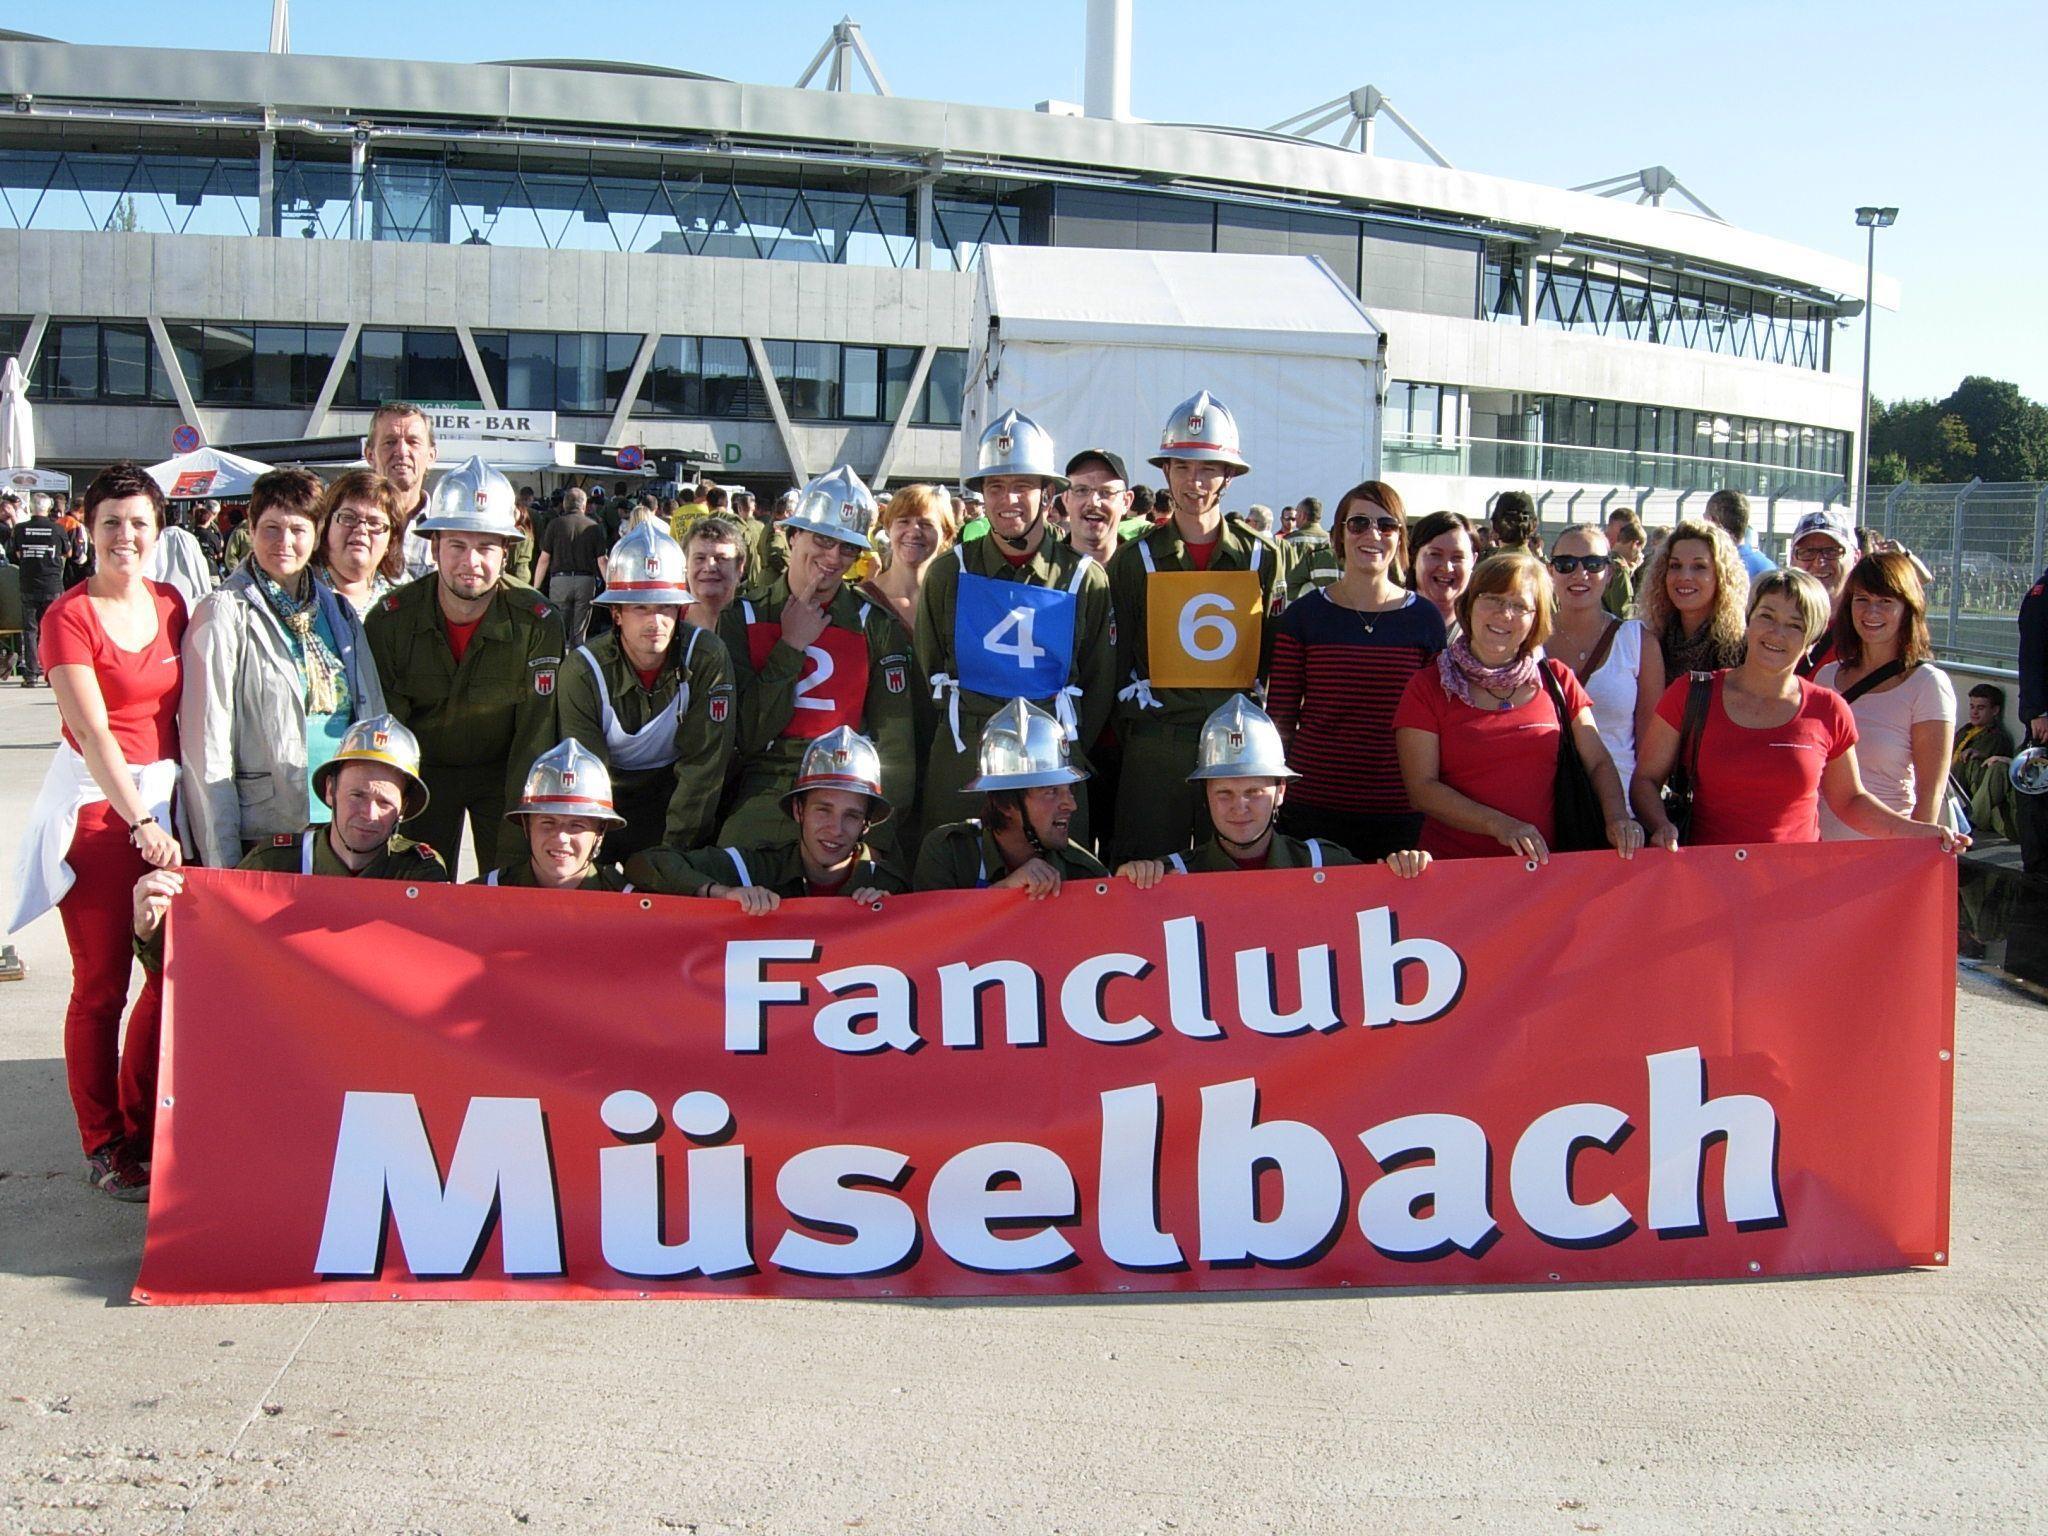 Wettkampfgruppe Ortsfeuerwehr Müselbach mit Fans beim Bundeswettbewerb 2012 in Linz